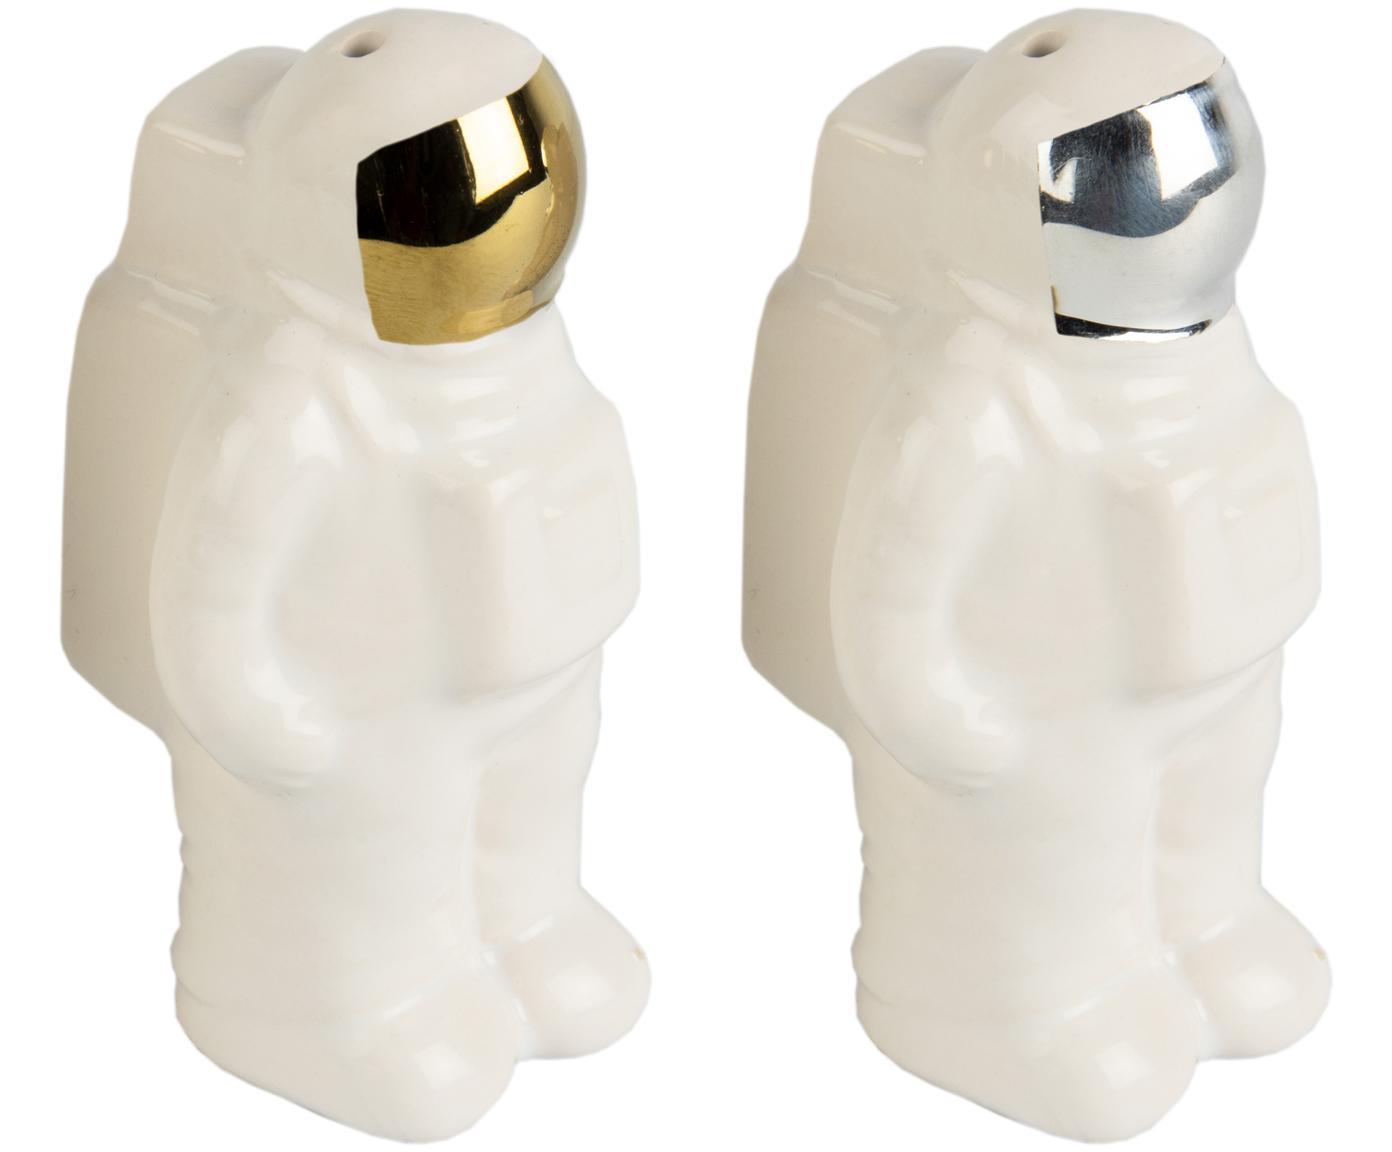 Zout- en peperstrooierset Astronaut, 2-delig, Porselein, Wit, zilverkleurig, goudkleurig, 6 x 9 cm